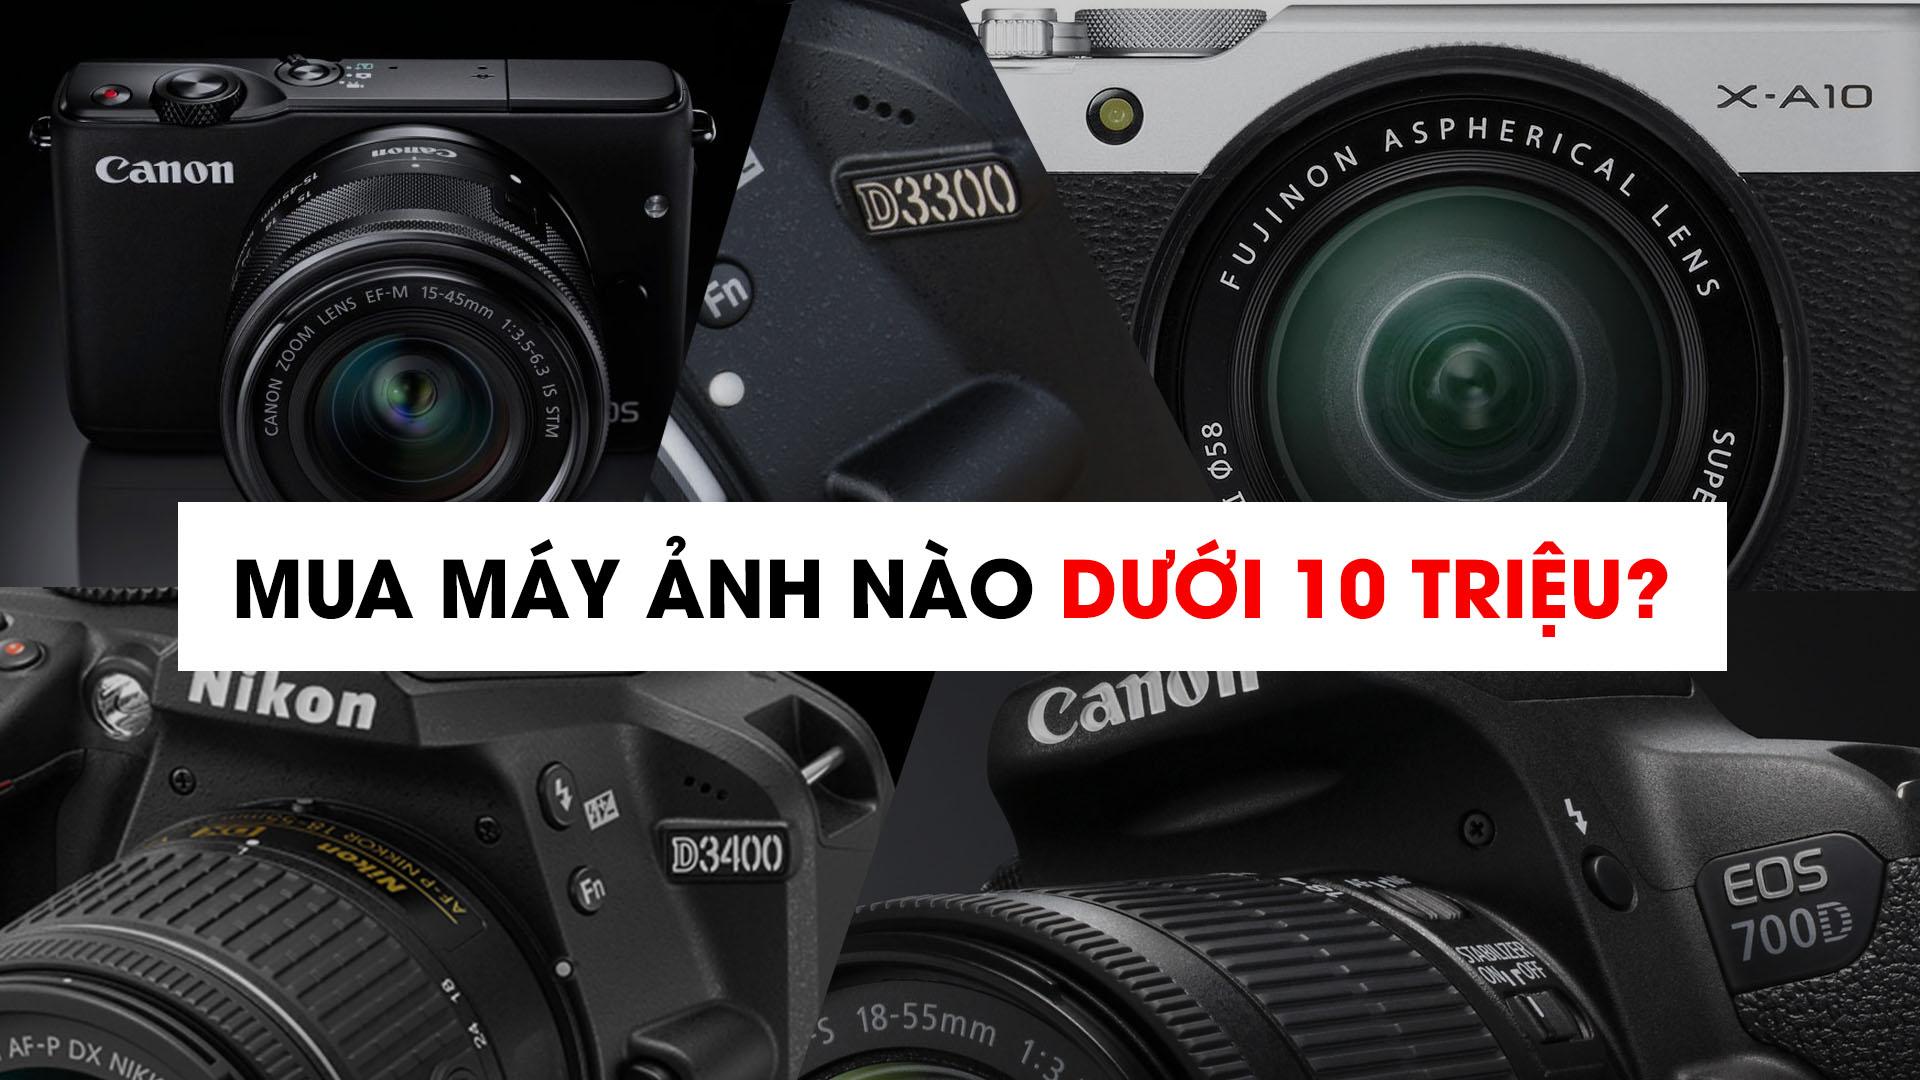 Mua máy ảnh nào trong năm 2017 với tầm giá dưới 10 triệu? | 50mm Vietnam Official Site